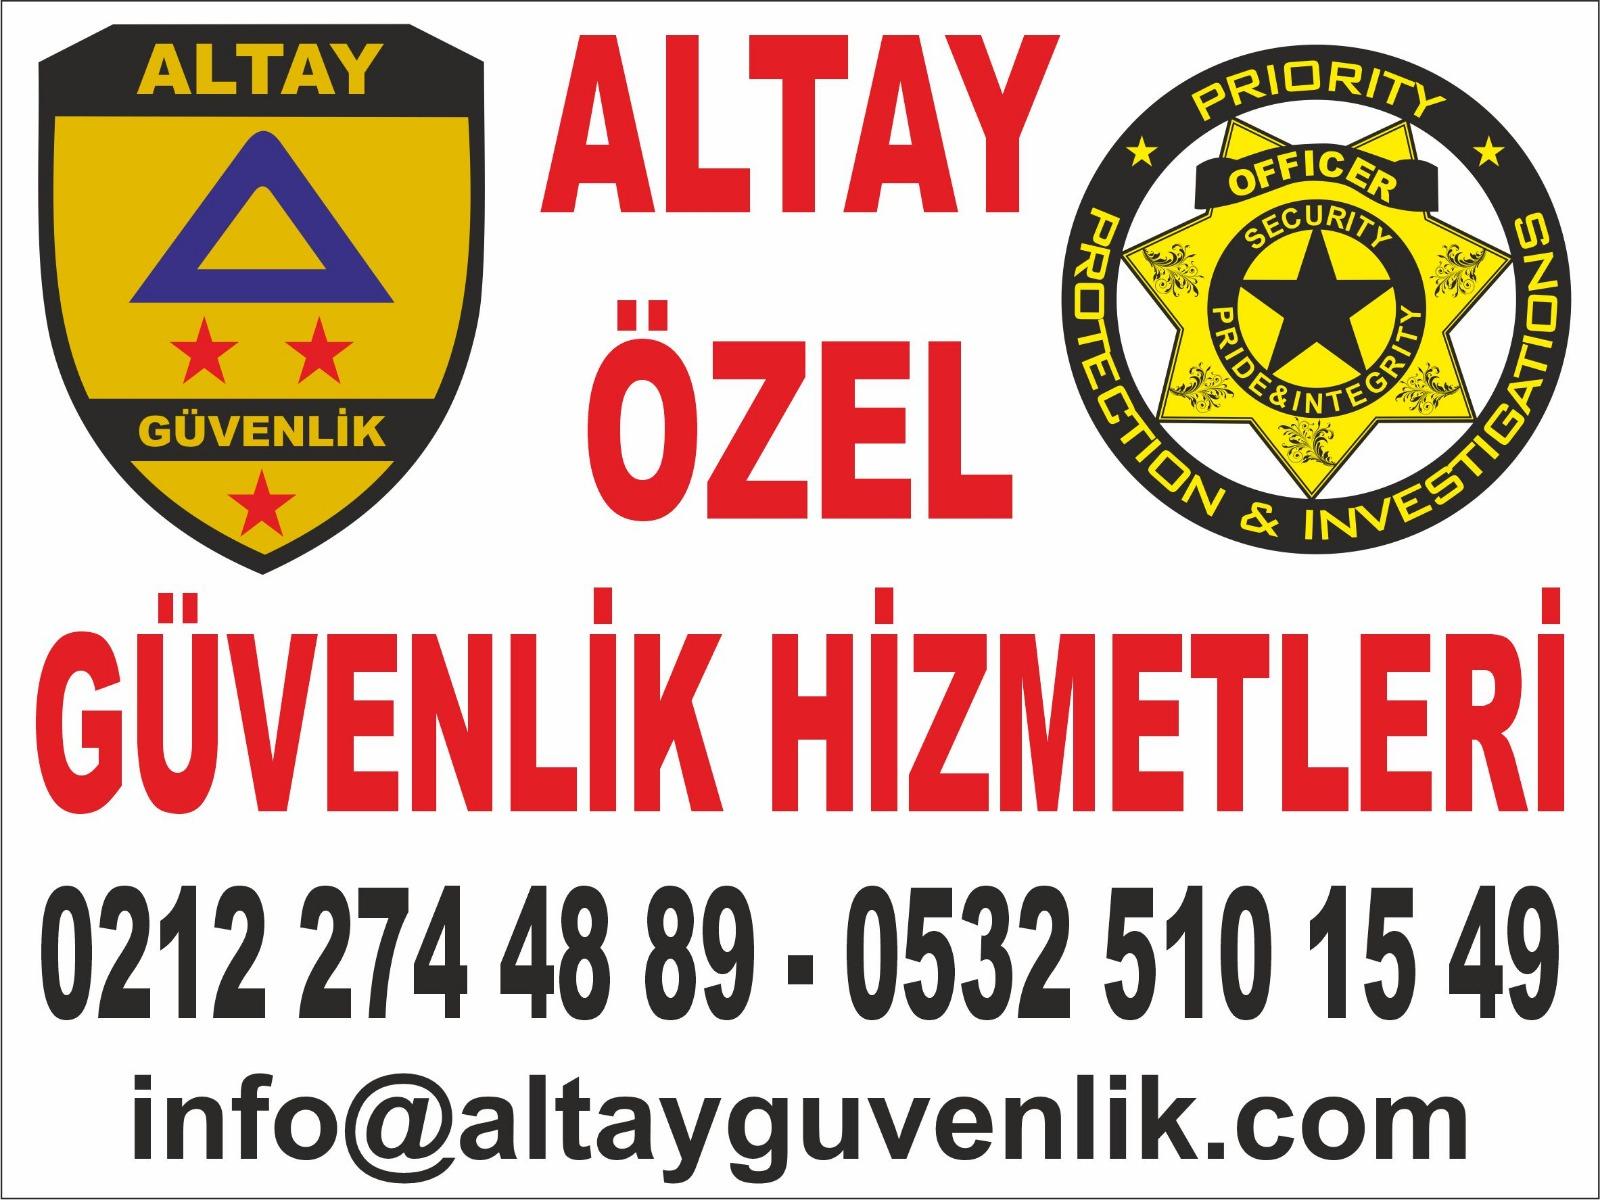 Fatih Güvenlik Firmaları